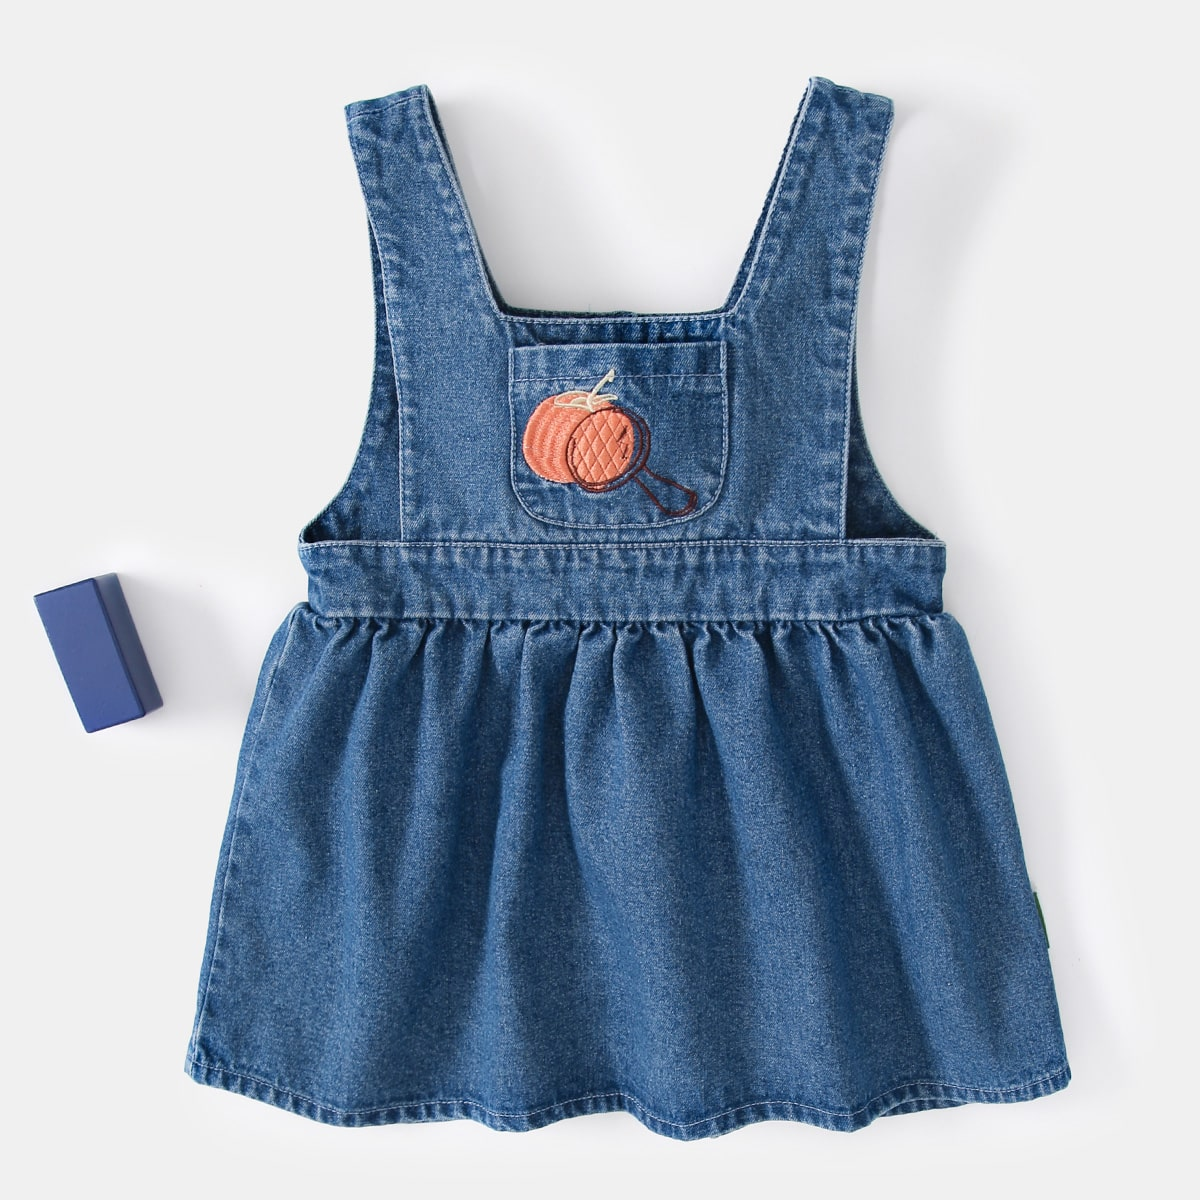 Джинсовое платье с вышивкой для девочек от SHEIN